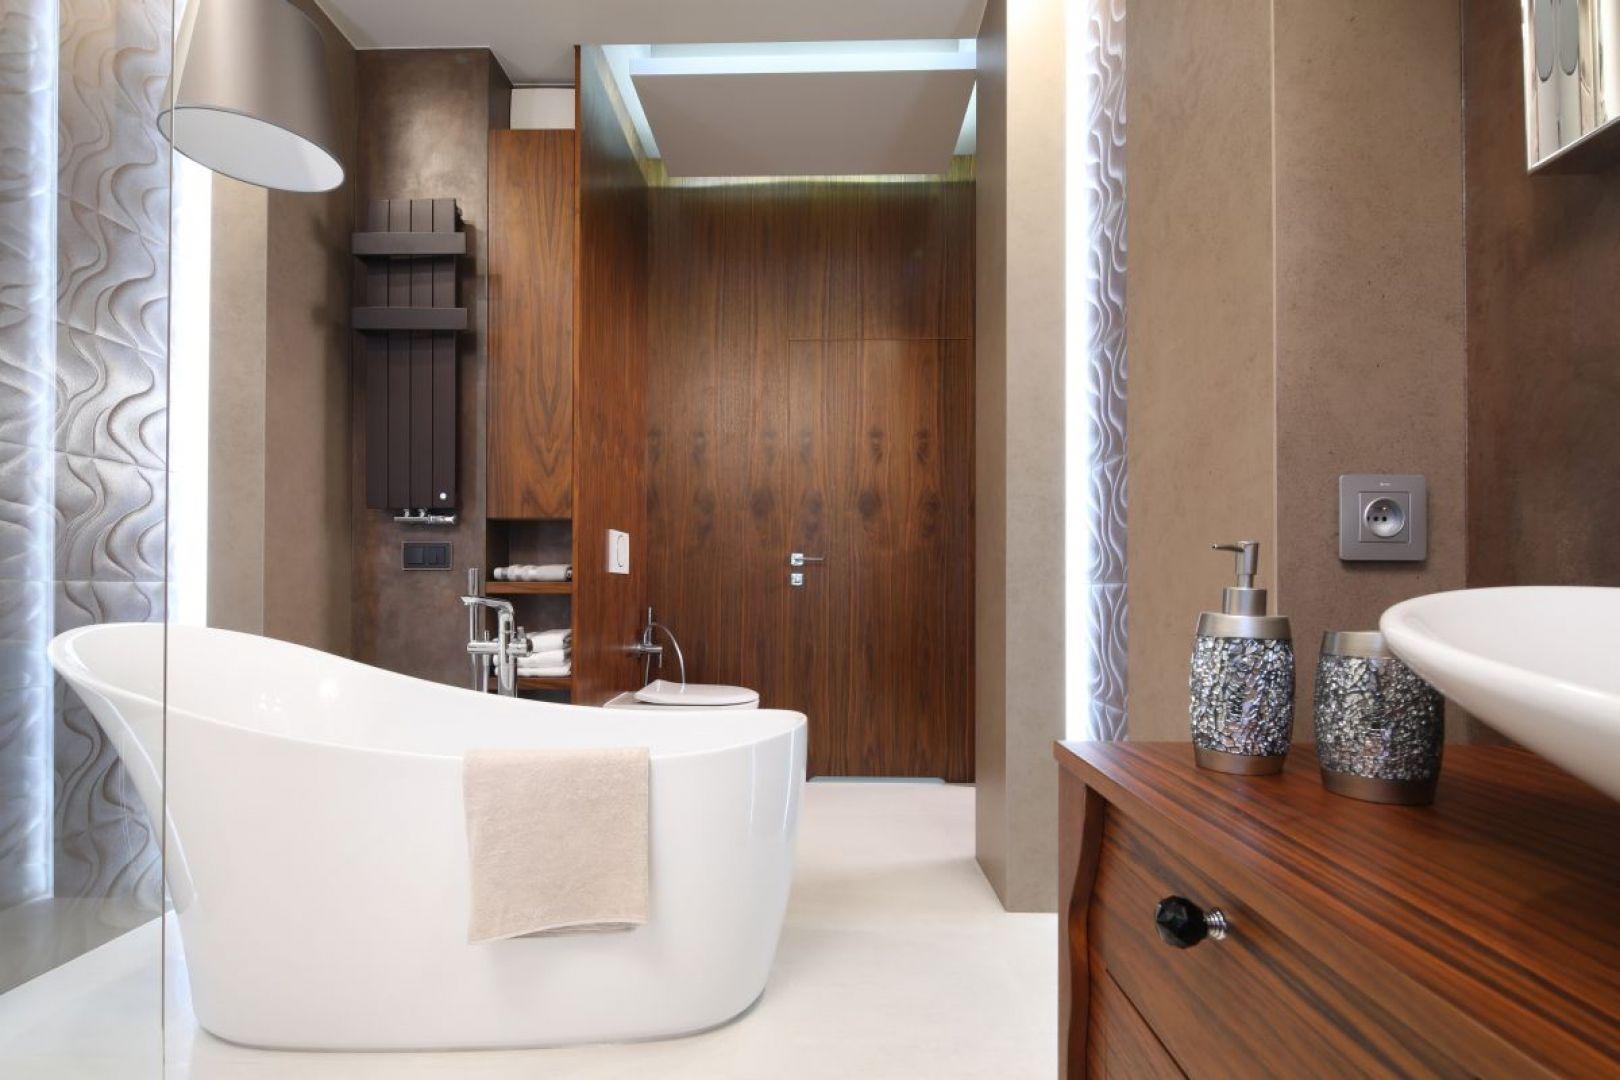 Aranżacja łazienki jak salon kąpielowy. Proj. Laura Sulzik. Fot. Bartosz Jarosz